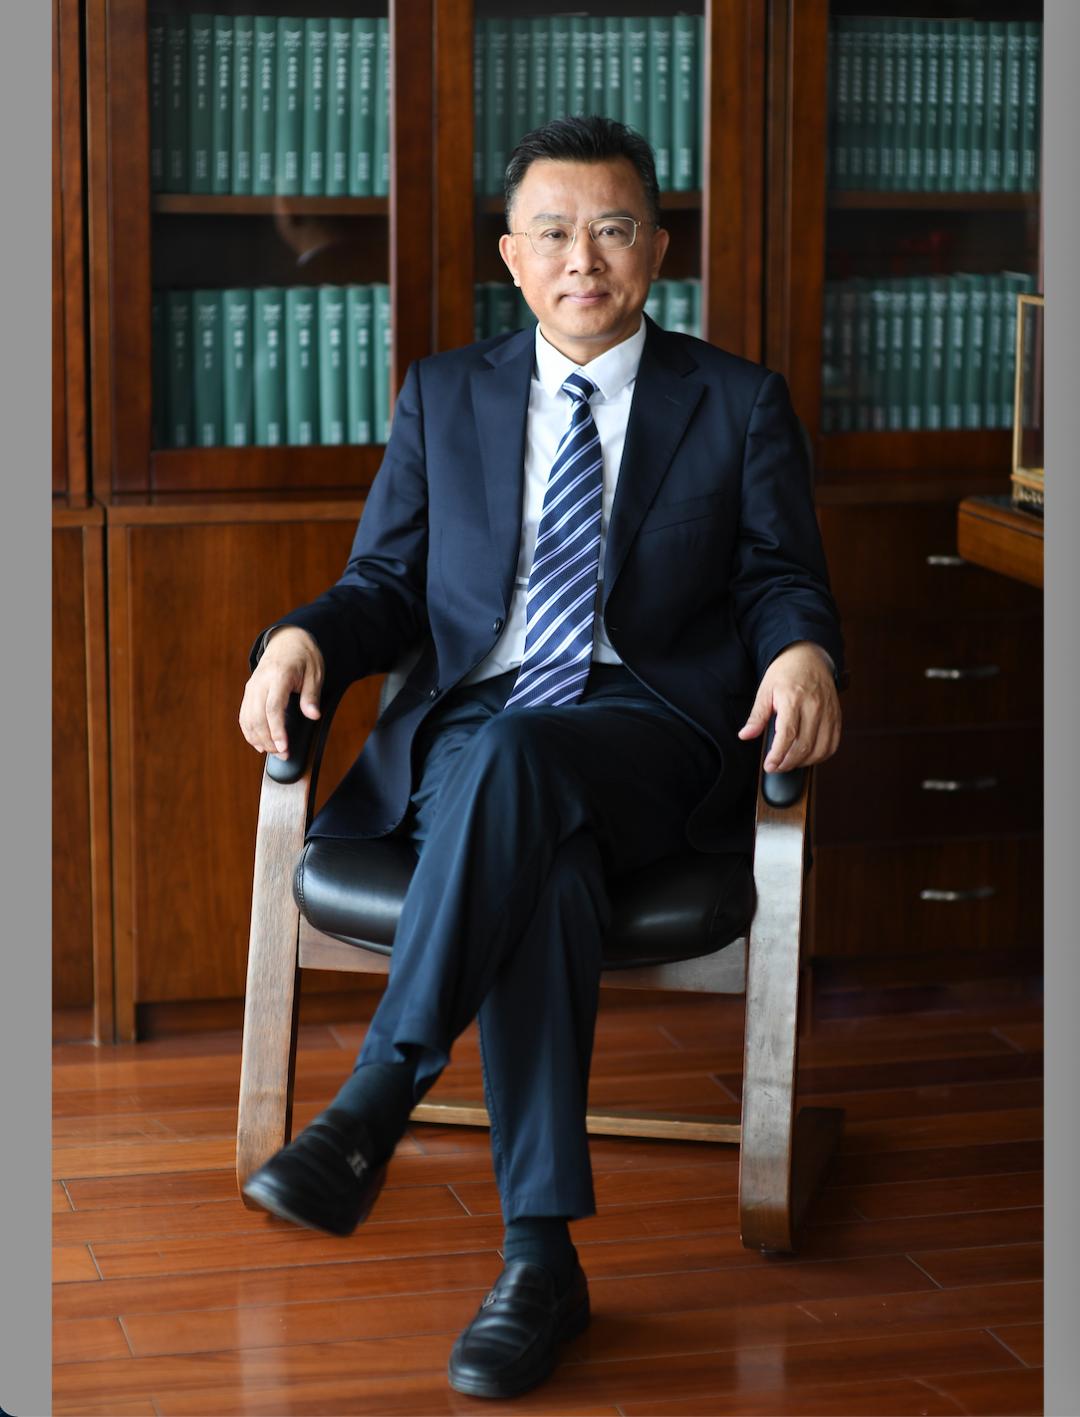 从一支股票代码说起,深度解读浙版传媒上市意义|专访董事长鲍洪俊-出版人杂志官网